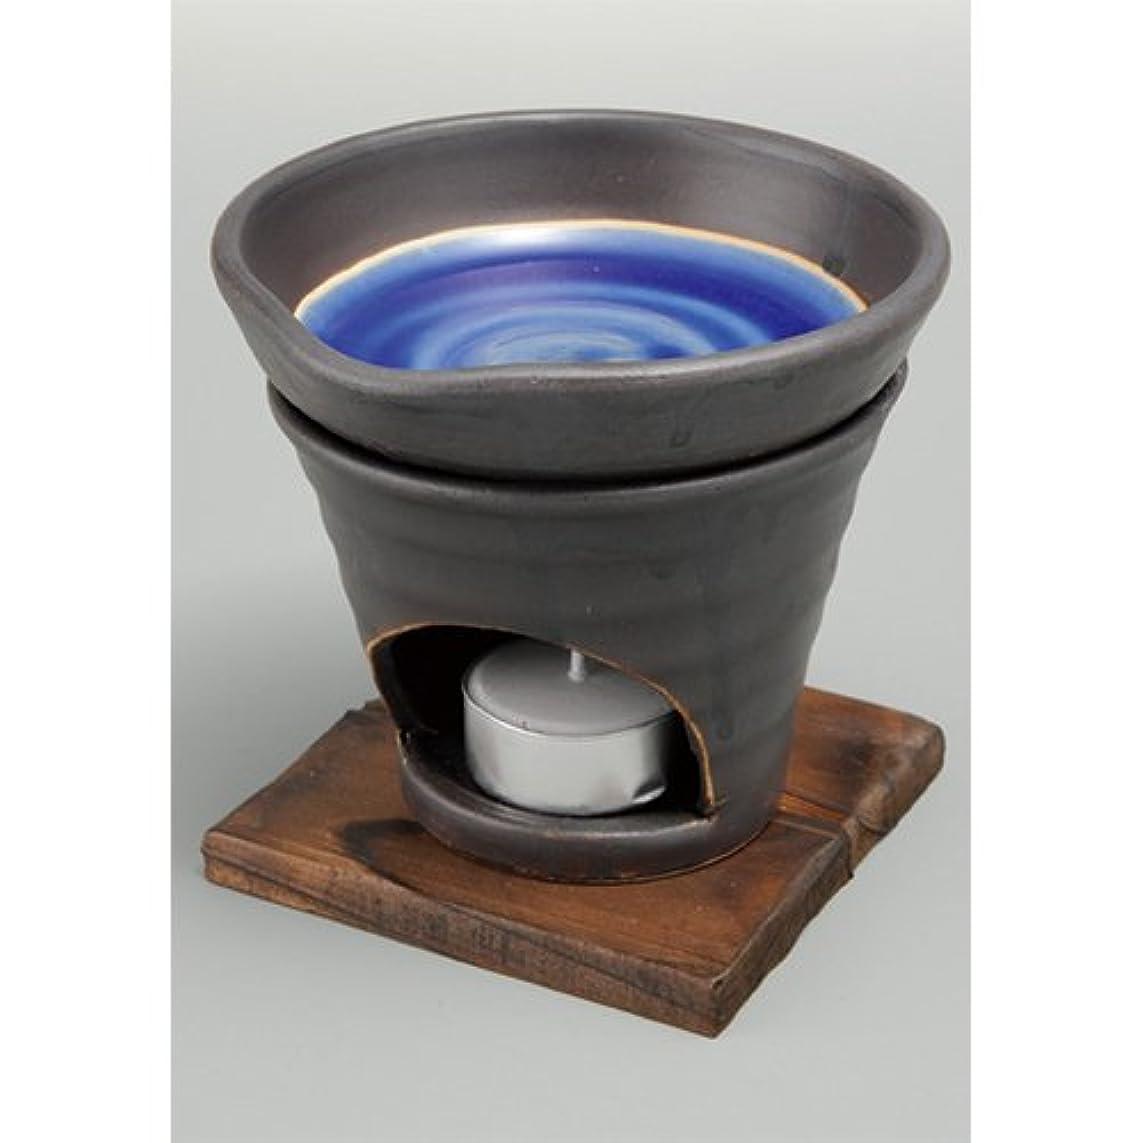 叫ぶ惨めな従順な香炉 黒釉 茶香炉(青) [R11.8xH11.5cm] HANDMADE プレゼント ギフト 和食器 かわいい インテリア